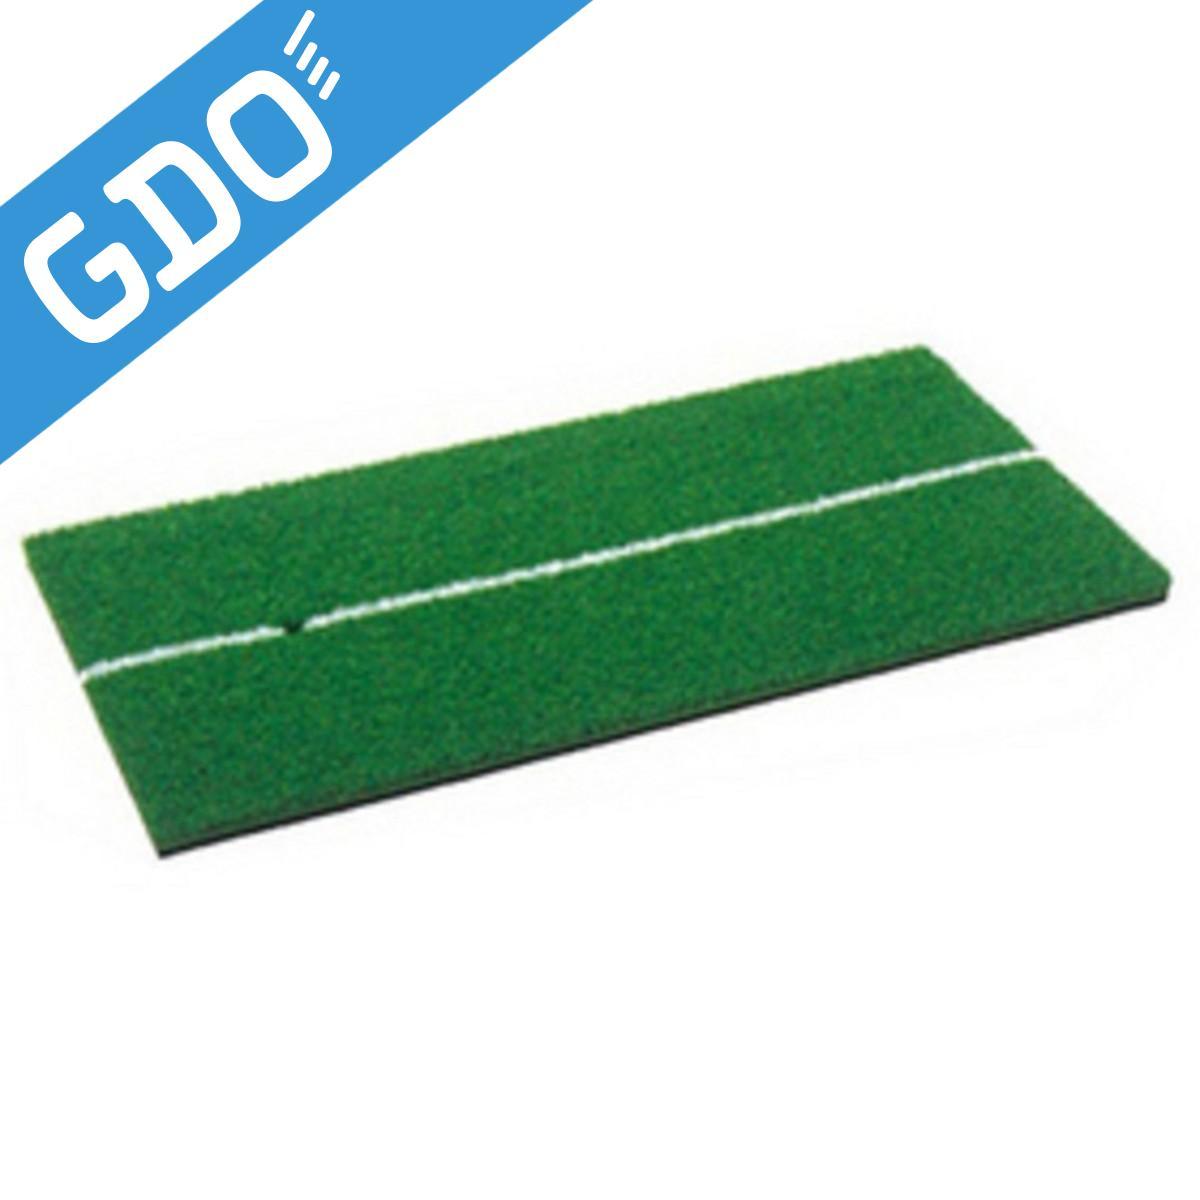 【ゴルフ トレーニング用具 GDO GOLF】 タバタ Tabata ショットマット285 GV-0285